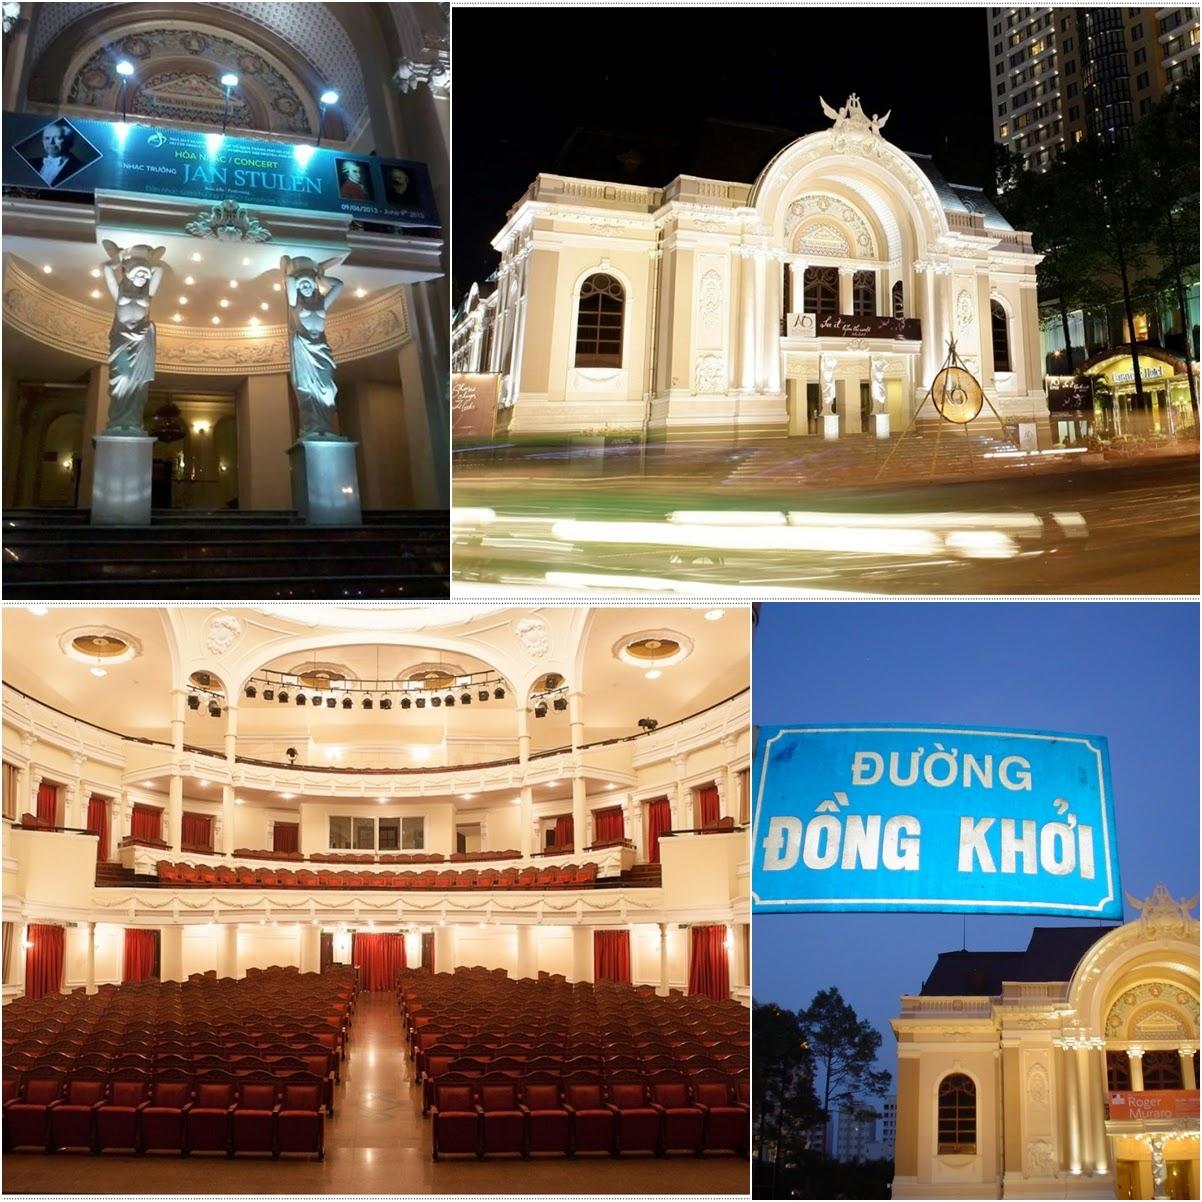 The Municipal Theater Ho Chi Minh